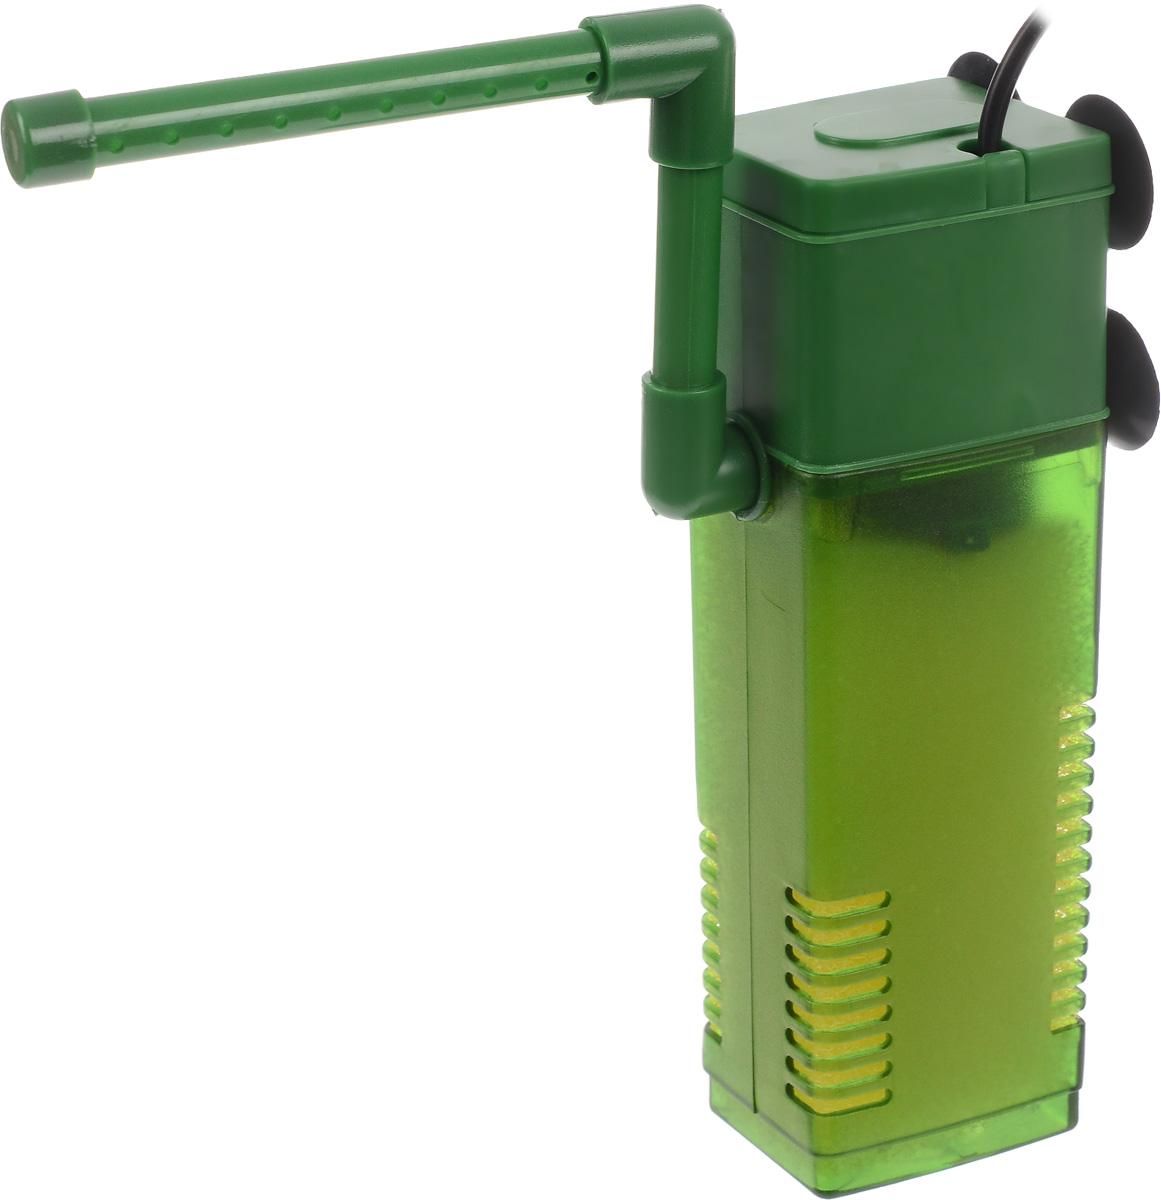 Фильтр для воды Barbus WP- 330F, аквариумный, с регулятором и флейтой, 600 л/ч101246Barbus WP- 330F предназначен для фильтрации воды в аквариумах. Механическая фильтрация происходит за счет губки, которая поглощает грязь и очищает воду. Фильтр равномерно распределяет поток воды в аквариуме с помощью системы Водянаяфлейта. Имеет дополнительную насадку с возможностью аэрации воды. Подходит для пресной и соленой воды. Фильтр полностью погружной.Мощность: 12 Вт.Напряжение: 220-240В.Частота: 50/60 Гц.Производительность: 600 л/ч.Рекомендованный объем аквариума: 60-120 л. Уважаемые клиенты!Обращаем ваше внимание навозможныеизмененияв цветенекоторых деталейтовара. Поставка осуществляется в зависимости от наличия на складе.